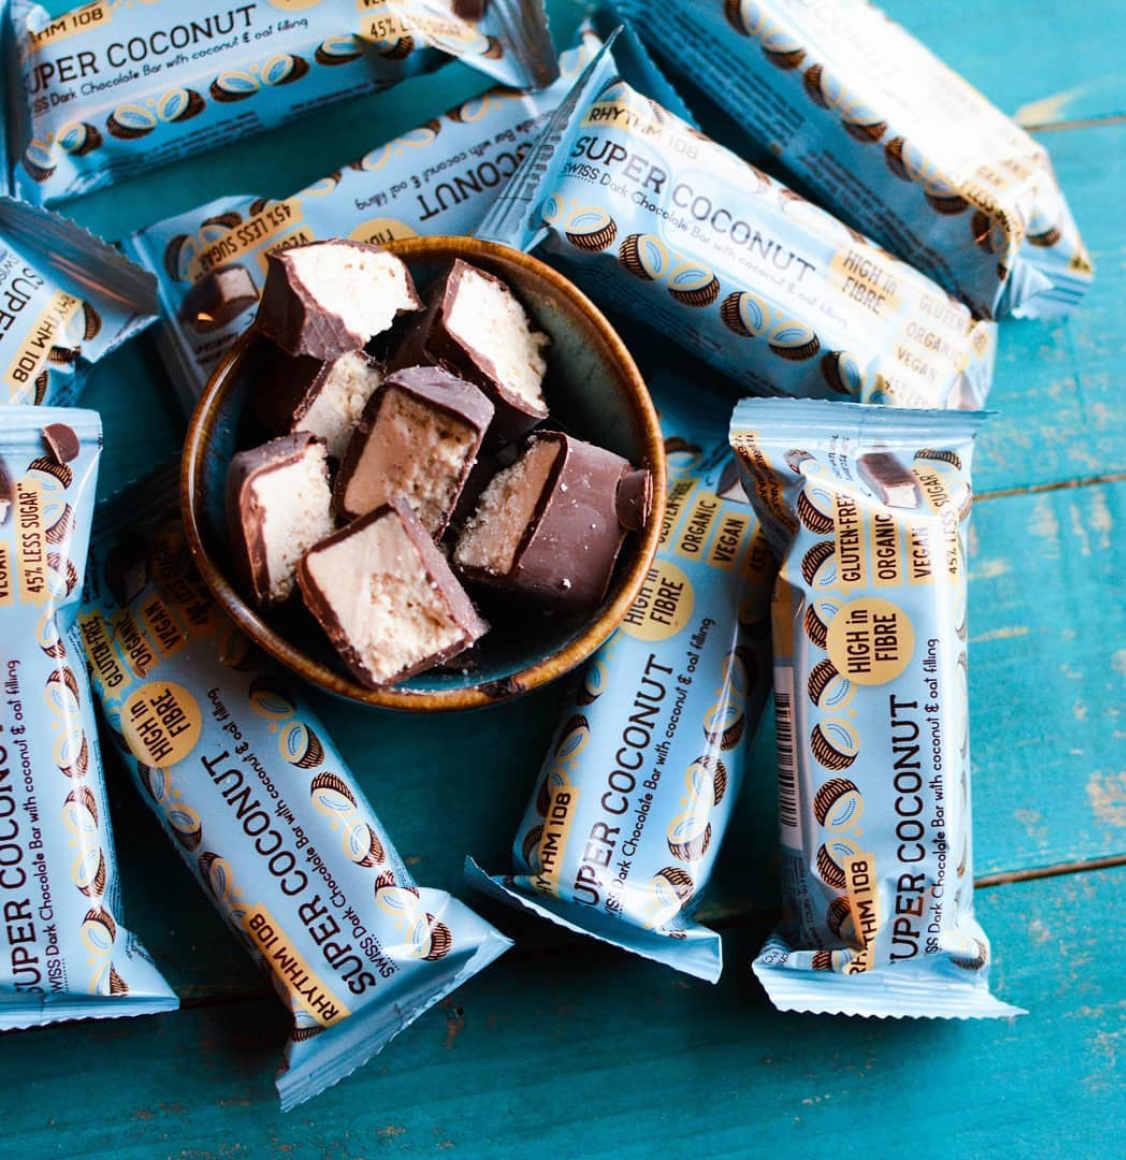 Rhythm 108 Swiss Dark Chocolate Coconut Bar 5 x 33g